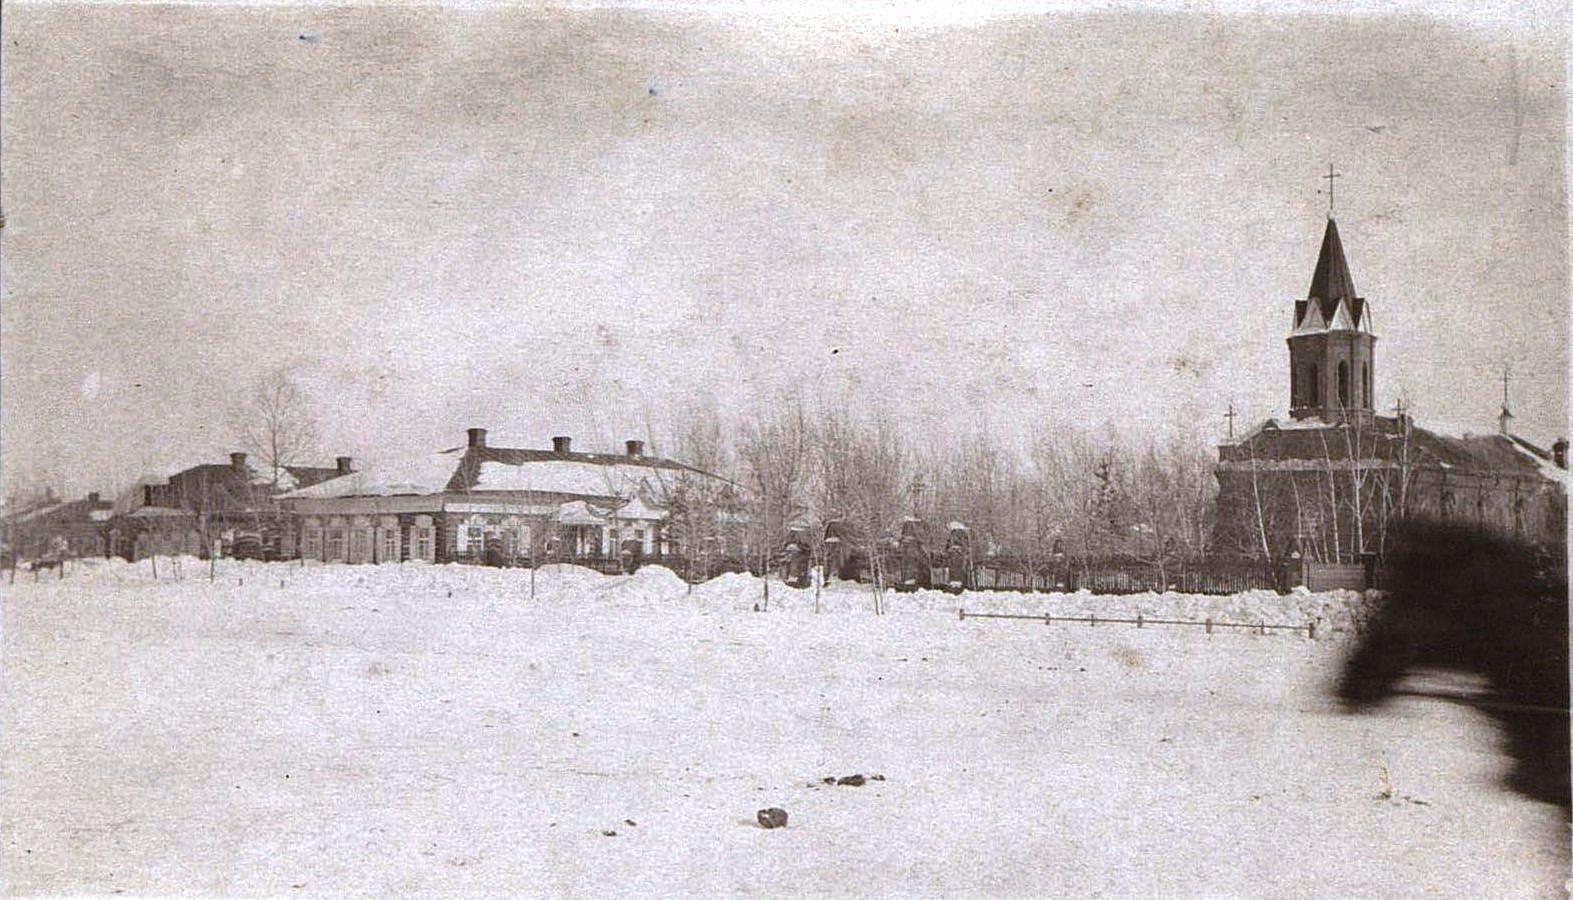 Городская площадь с католической церковью зимой. Ново-Николаевск. 1919